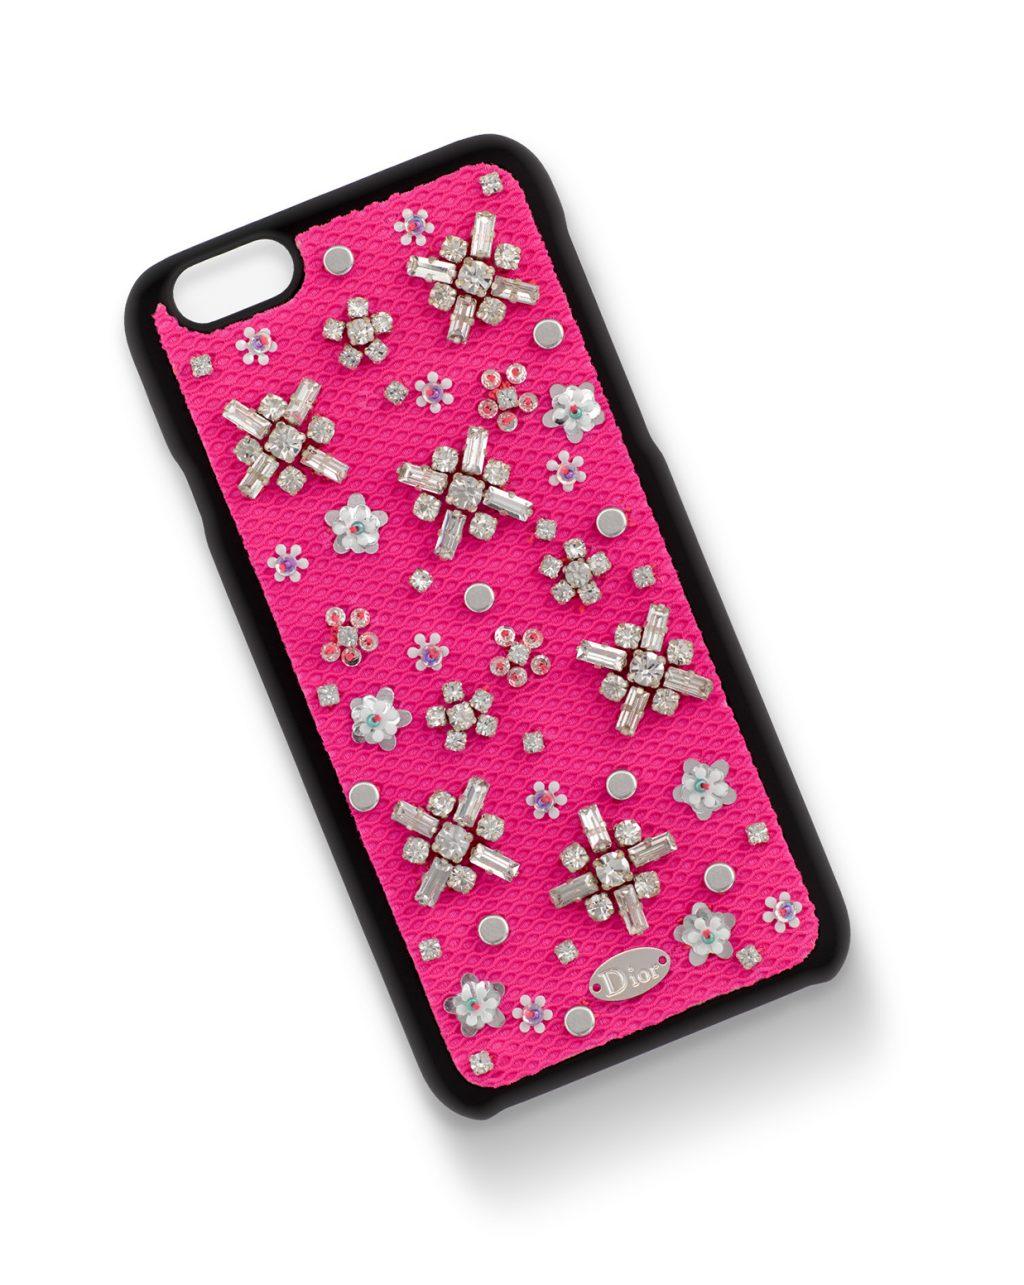 Ốp Case iphone của các hãng thời trang Dior stardust case- elle vn